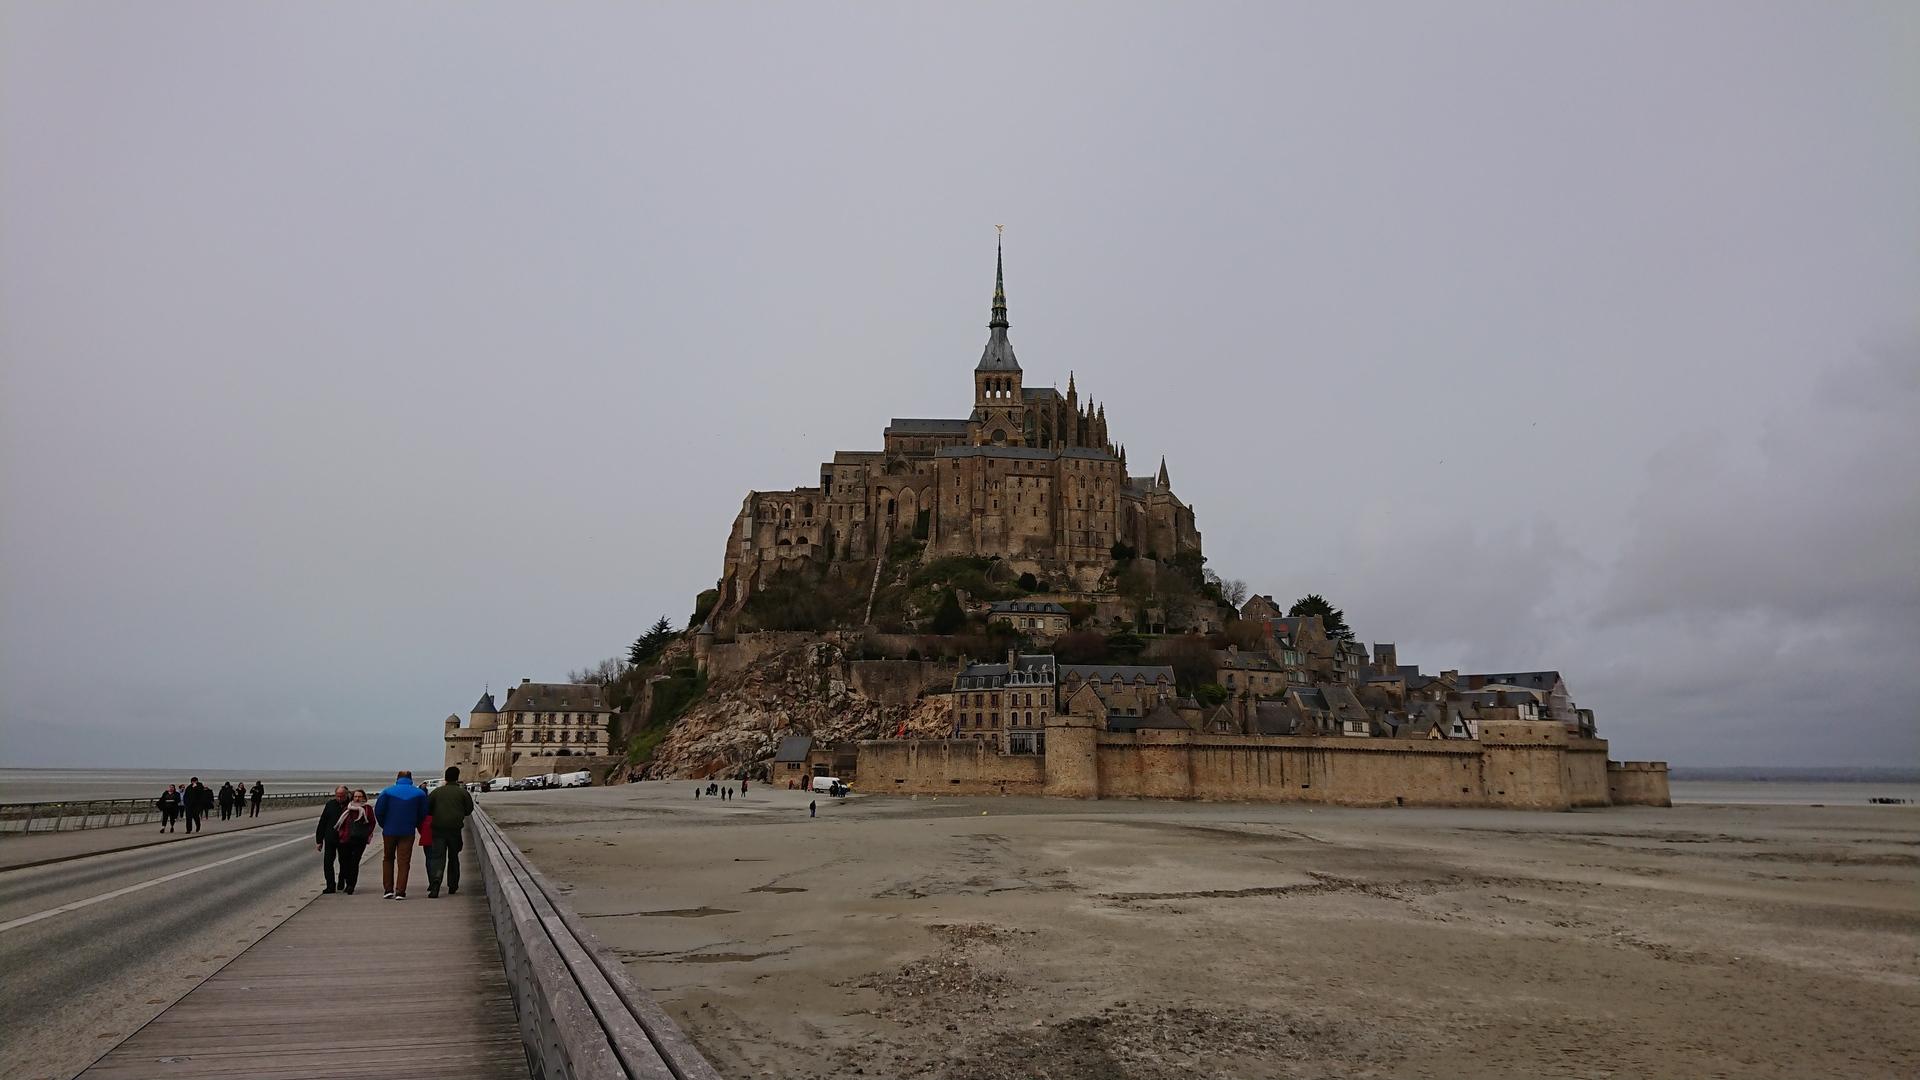 道中が長いので往路にもう少しフランスやパリに着いてガイドさんから説明があると良かったのでは。他の他国や別のツアーでは文化や歴史など聞かせてもらう時間がありましたので。 モンサンミッシェルのガイドは日本人のプロの方で普通に観光しただけでは知り得ない勉強をさせてもらいました。 モンサンミッシェルからバスまで移動時間が気になりゆっくり楽しむ時間がなかった。 オンフルールは無くても良かったので、ガイド+モンサンミッシェルの時間をもう少しのプランがベストに、私は感じました。